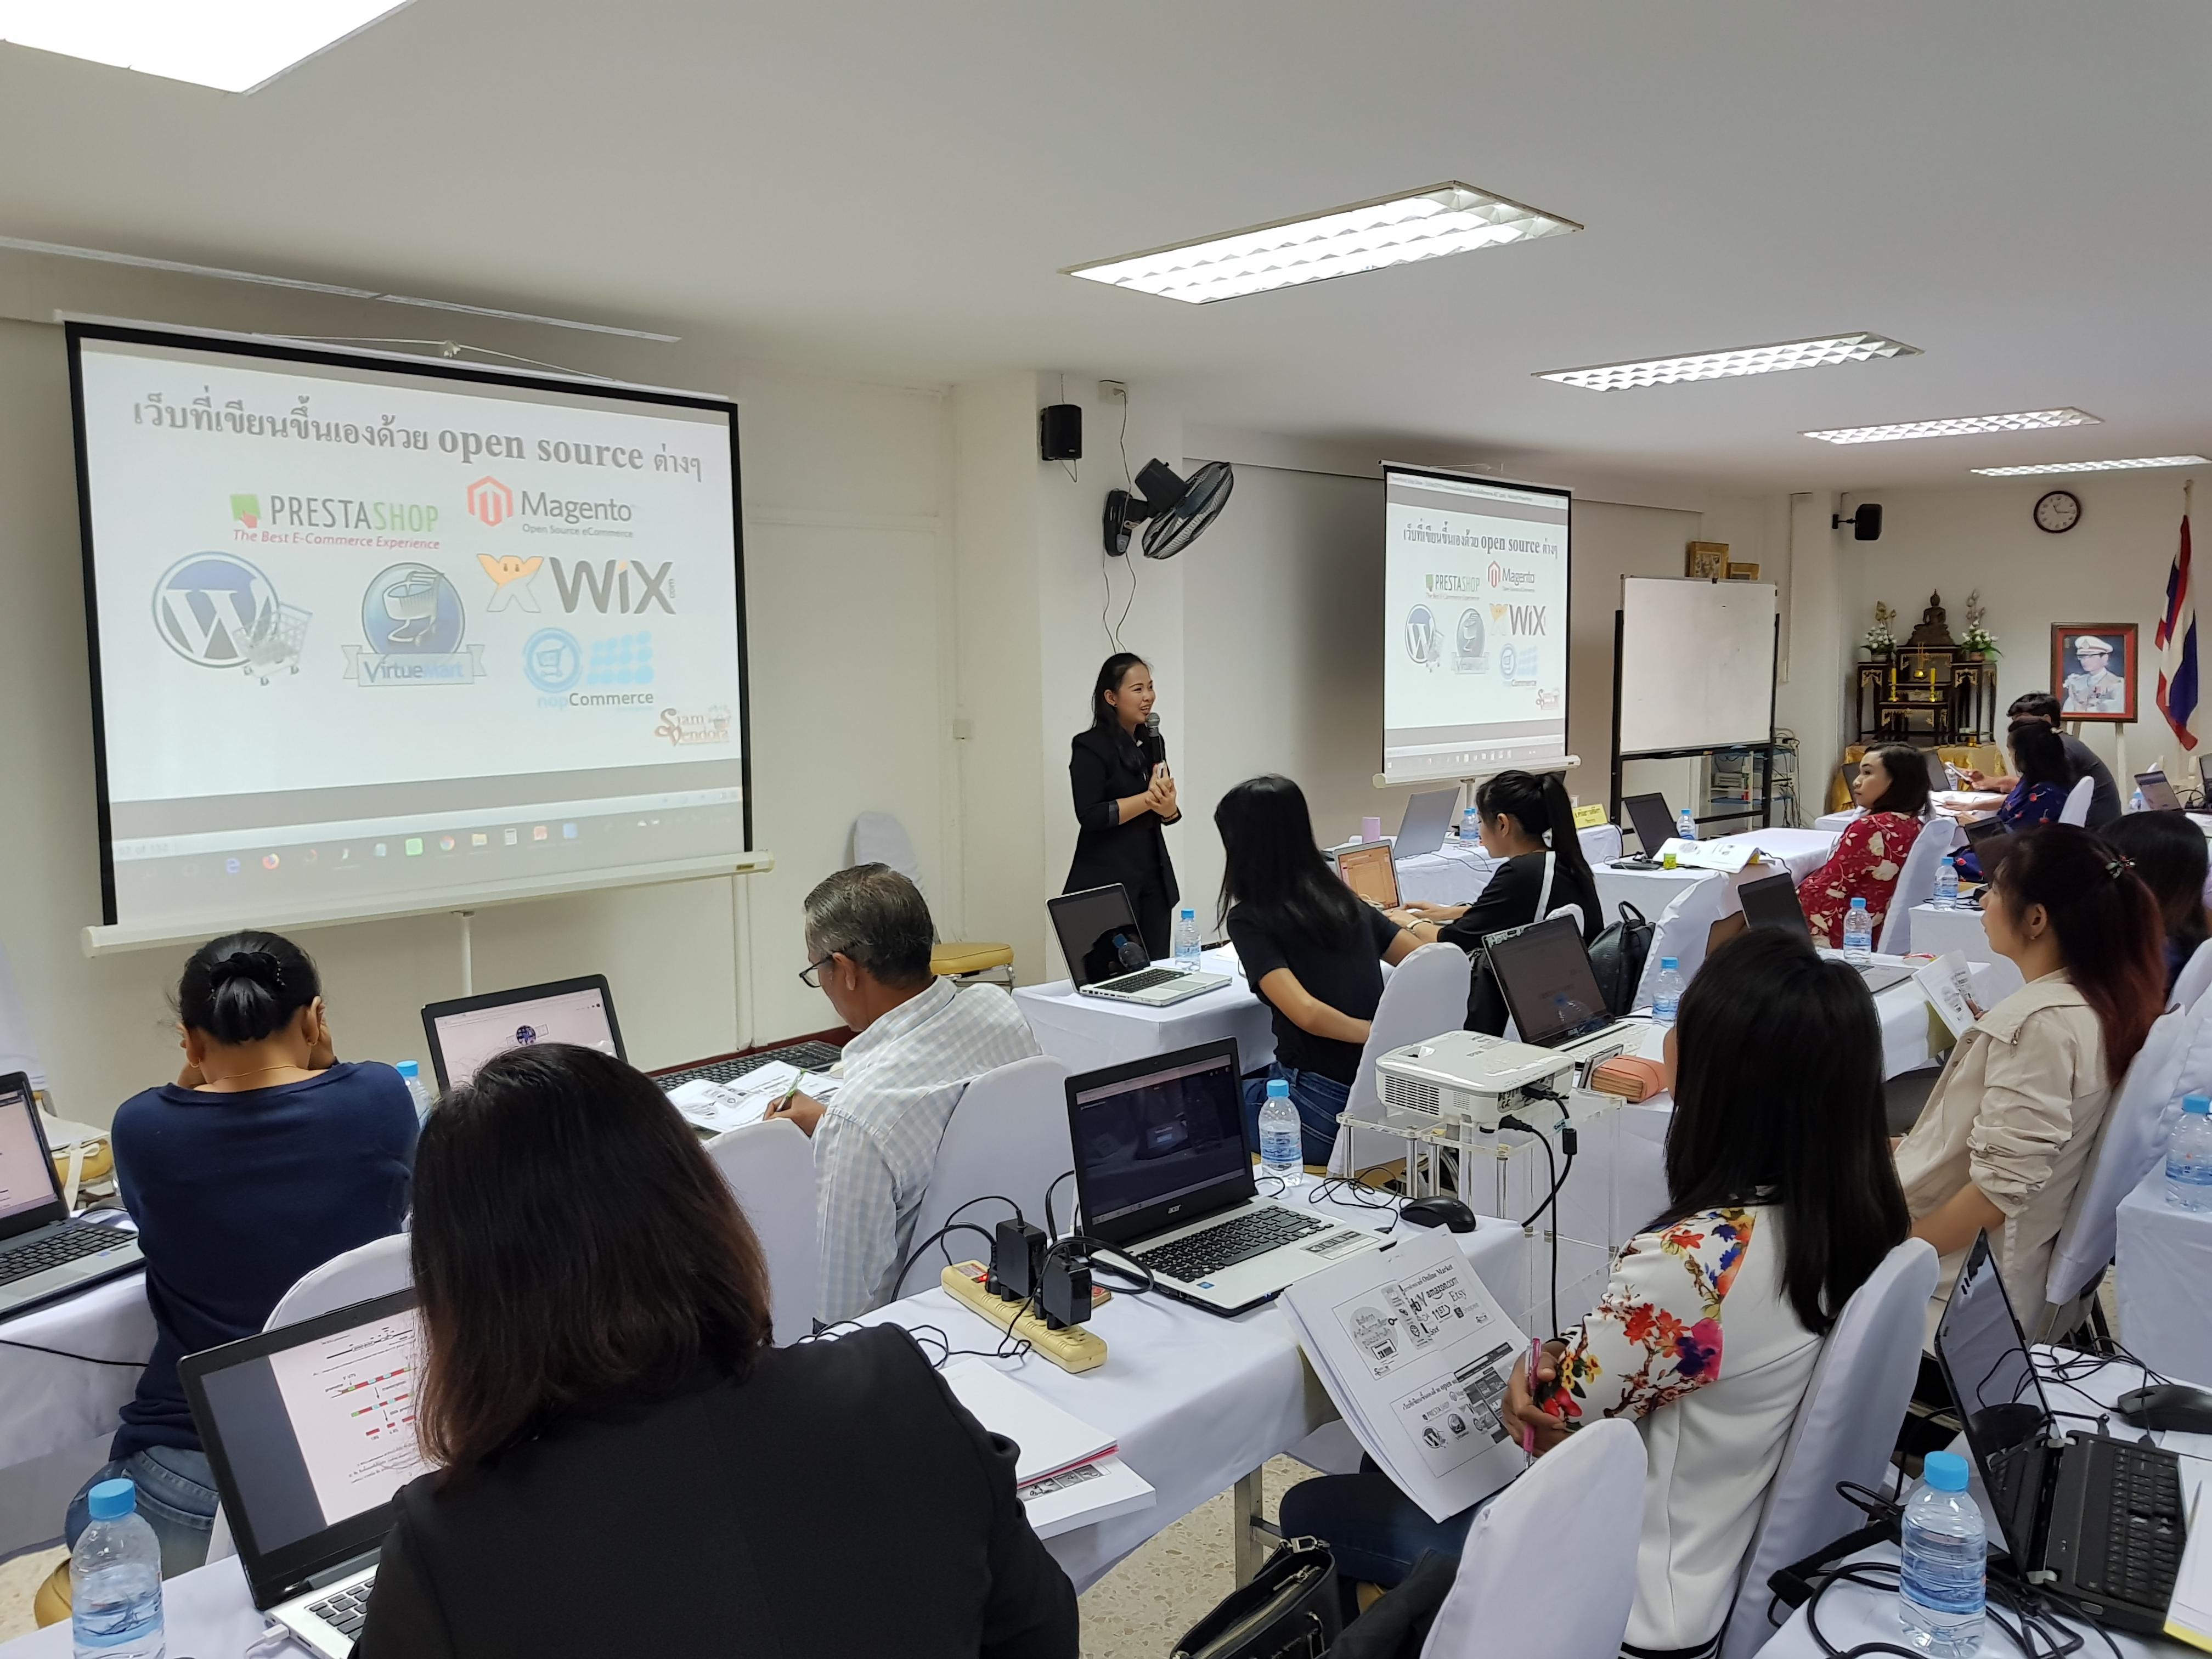 สอนขายของออนไลน์สำหรับธุรกิจท่องเที่ยวและโรงแรมโดยอาจารย์ใบตอง